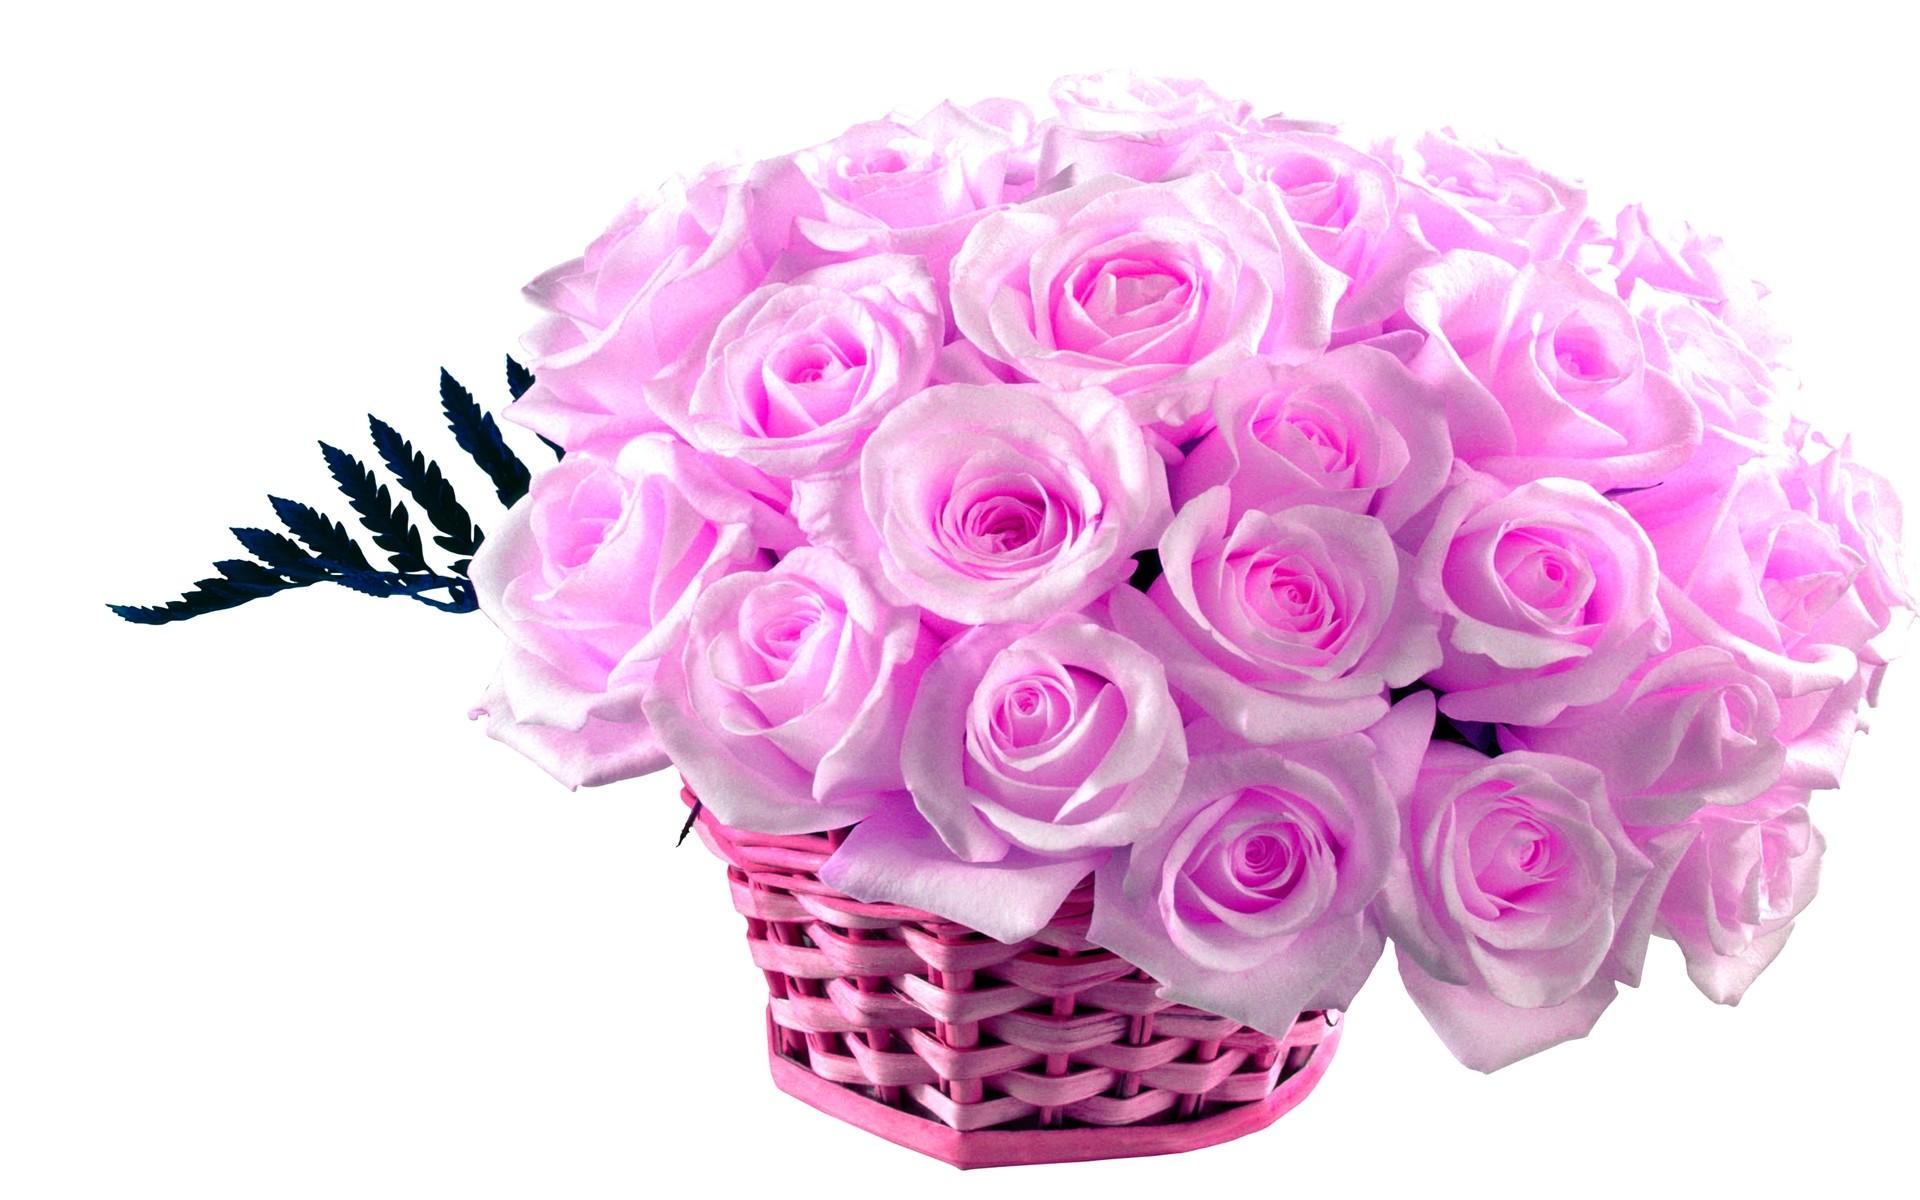 1920x1080 25 Beautiful Hd Flower Wallpaper Ideas On Pinterest